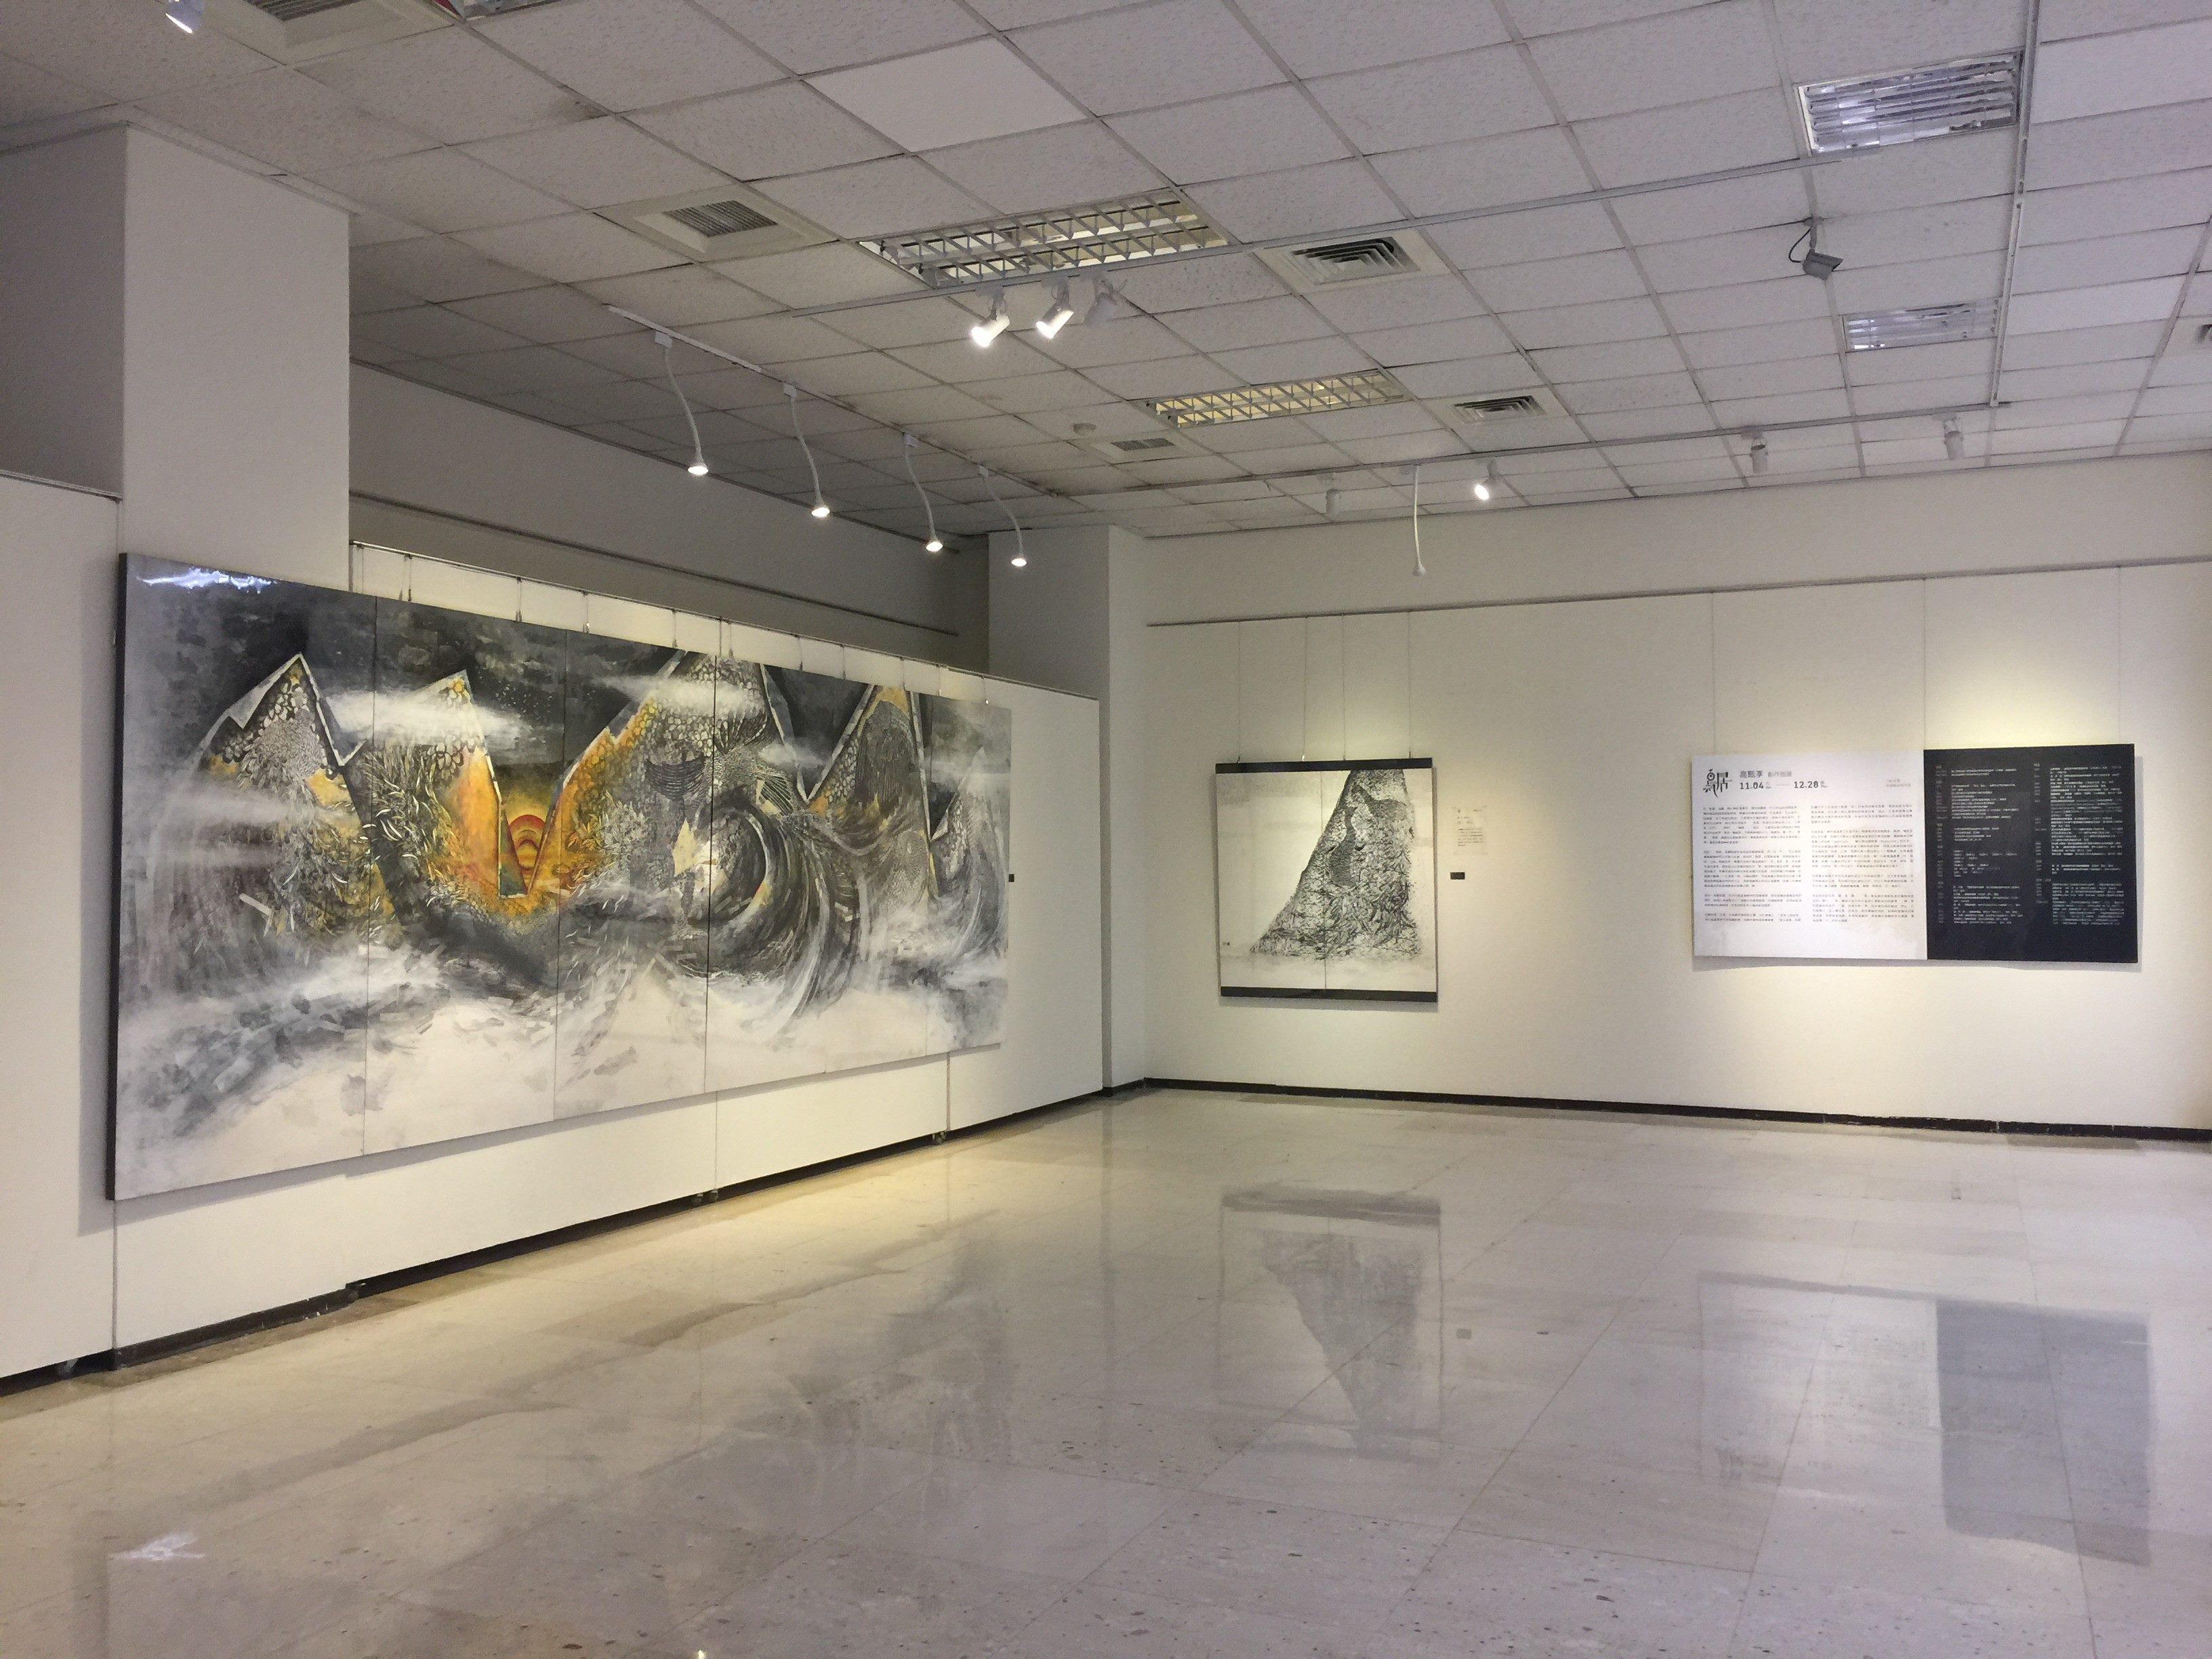 駐館展覽:視覺藝術